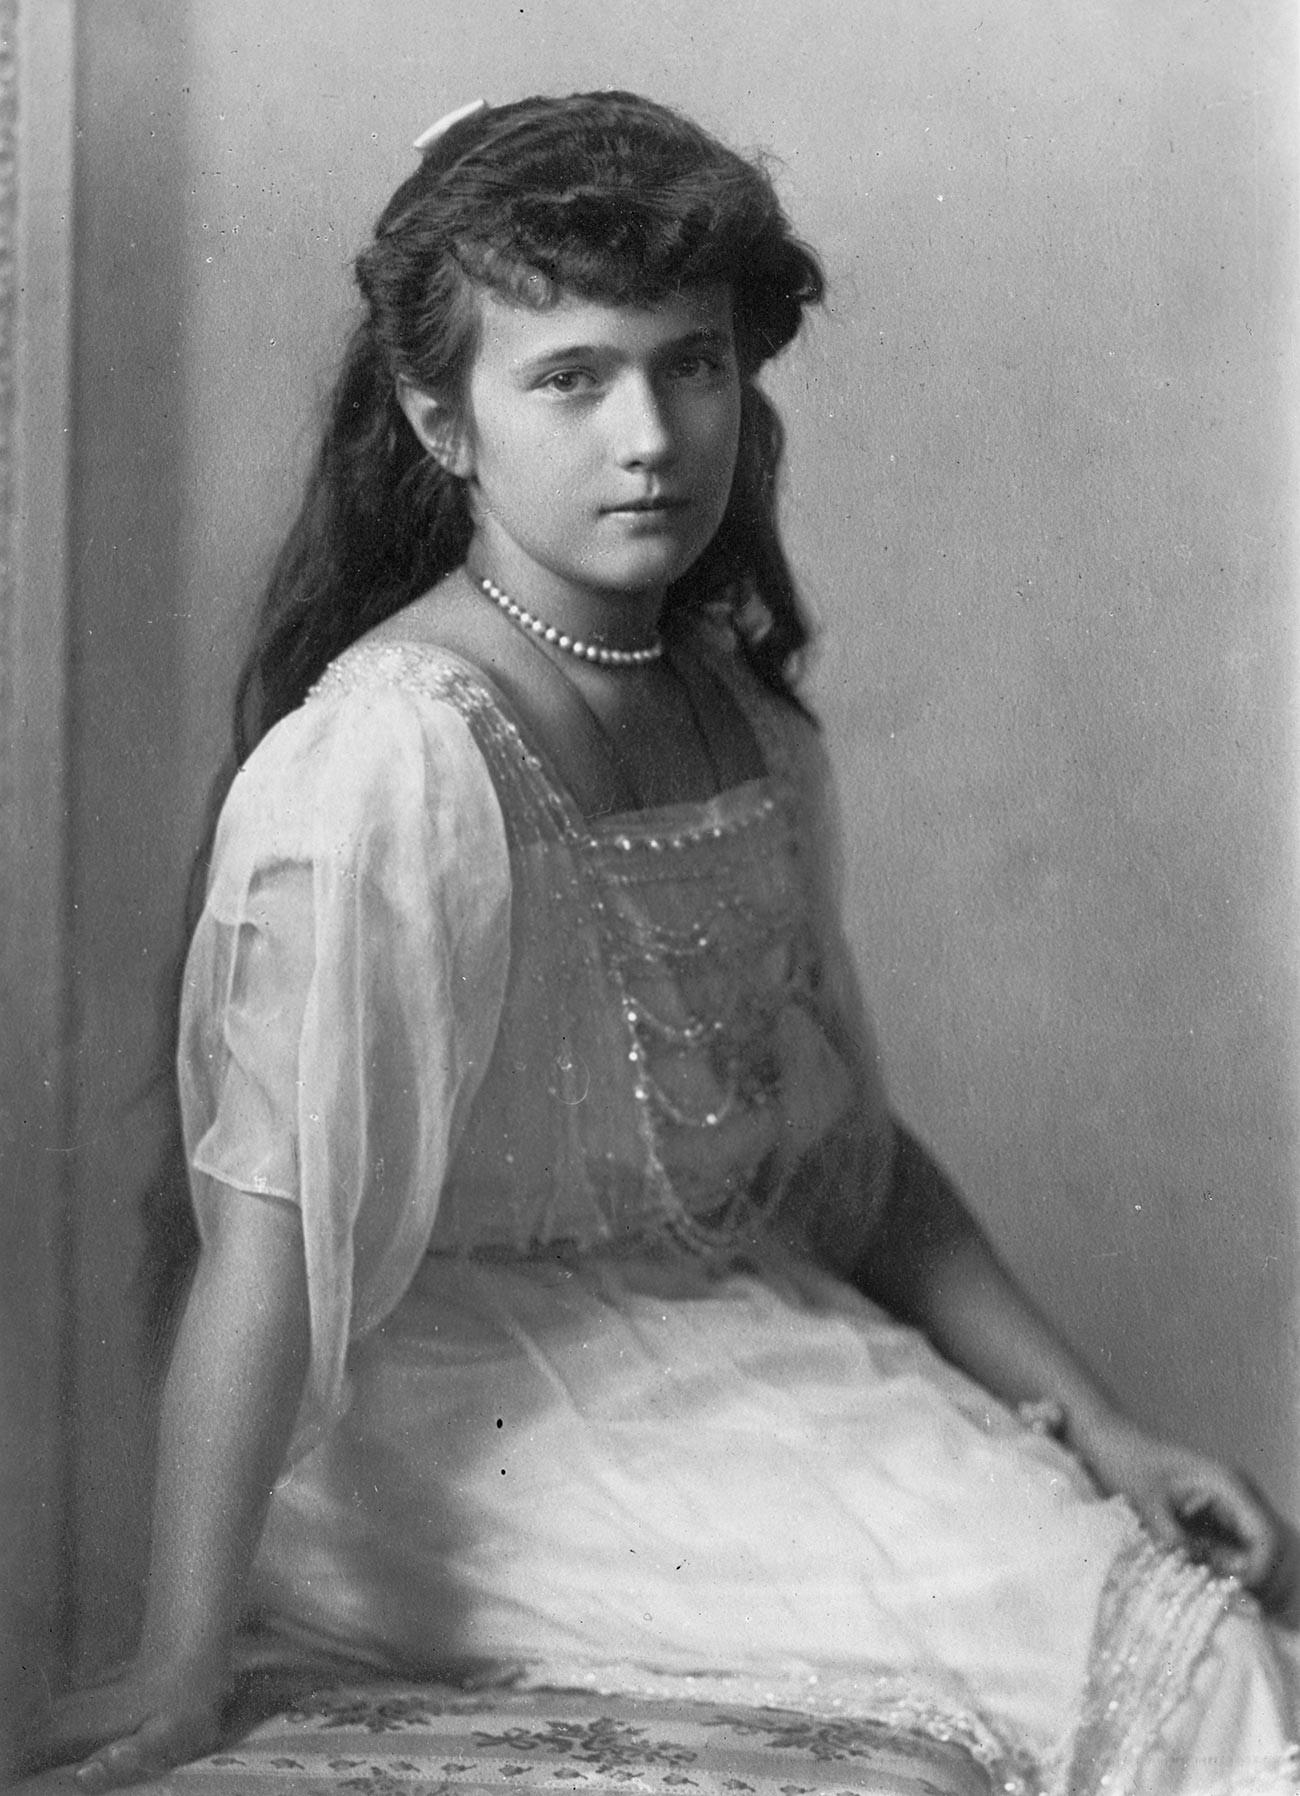 La granduchessa Anastasia in una foto d'epoca